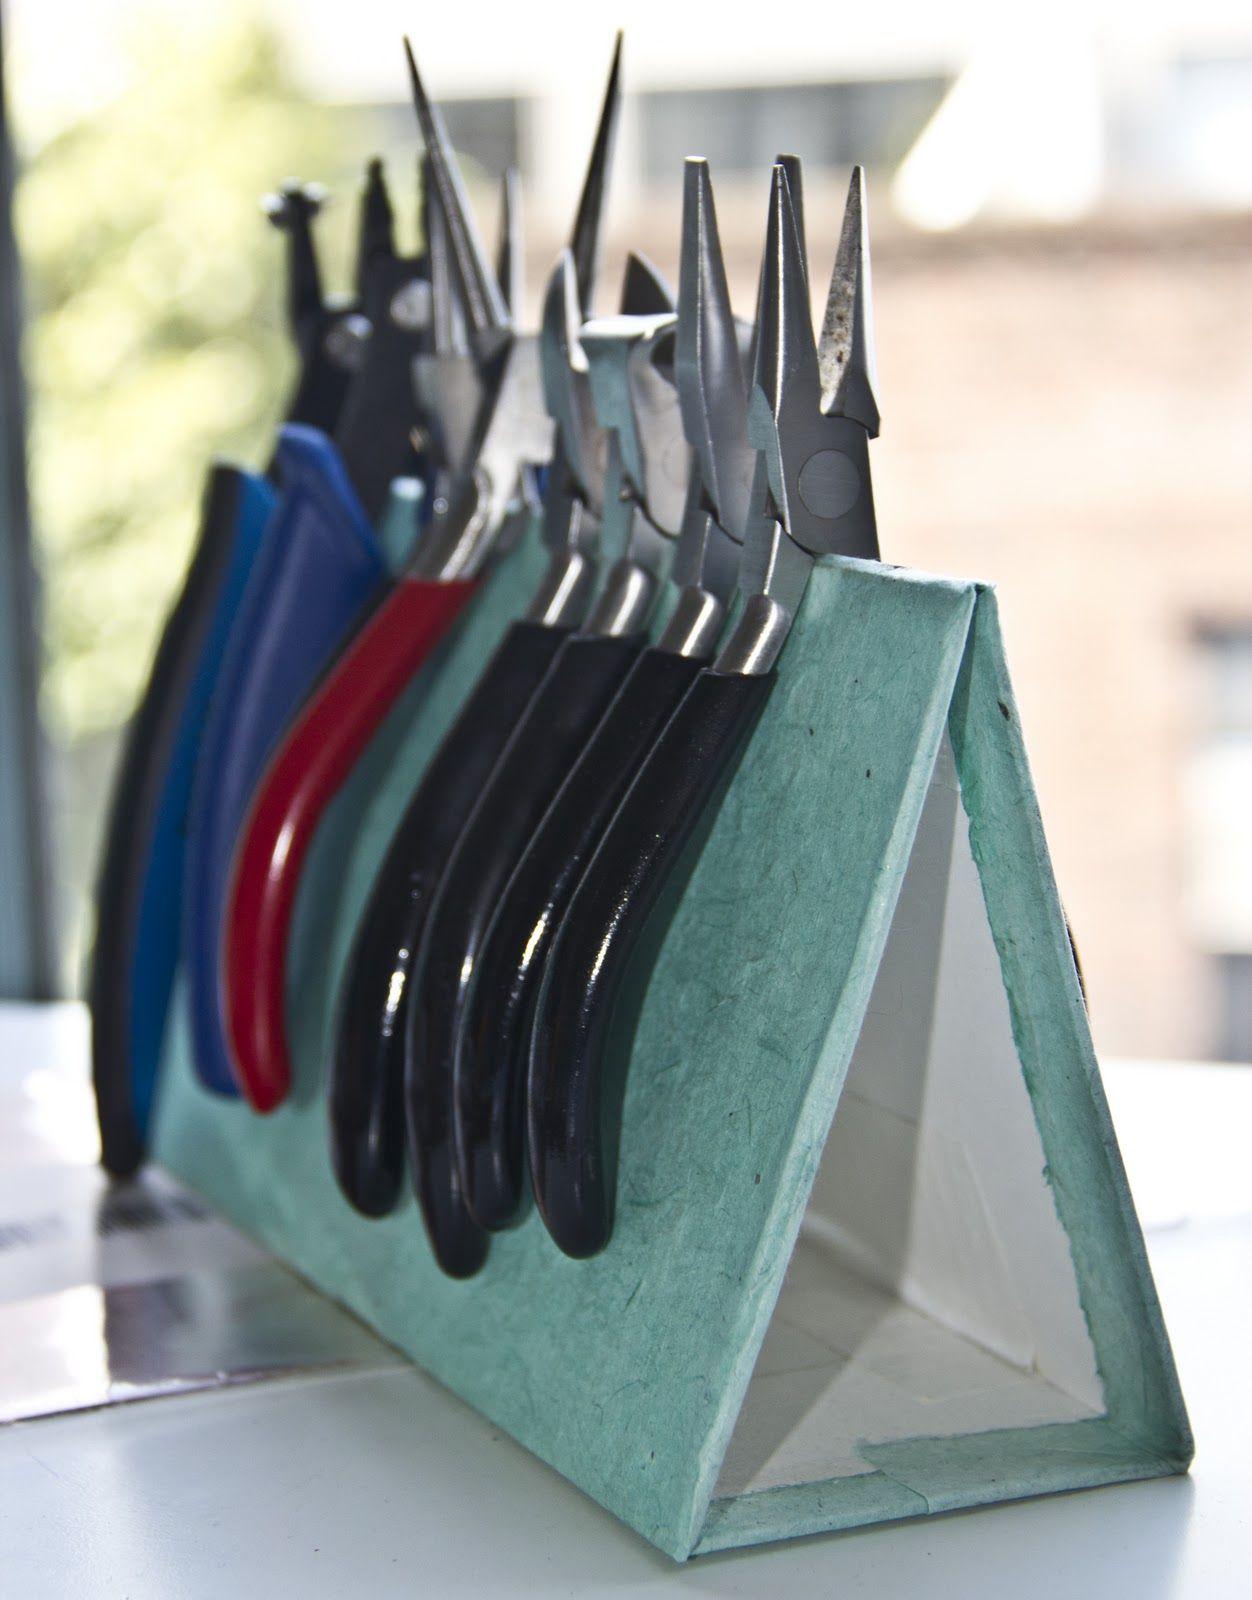 astuce pour ranger ses pinces bricolage pinterest ranger astuces et rangement. Black Bedroom Furniture Sets. Home Design Ideas